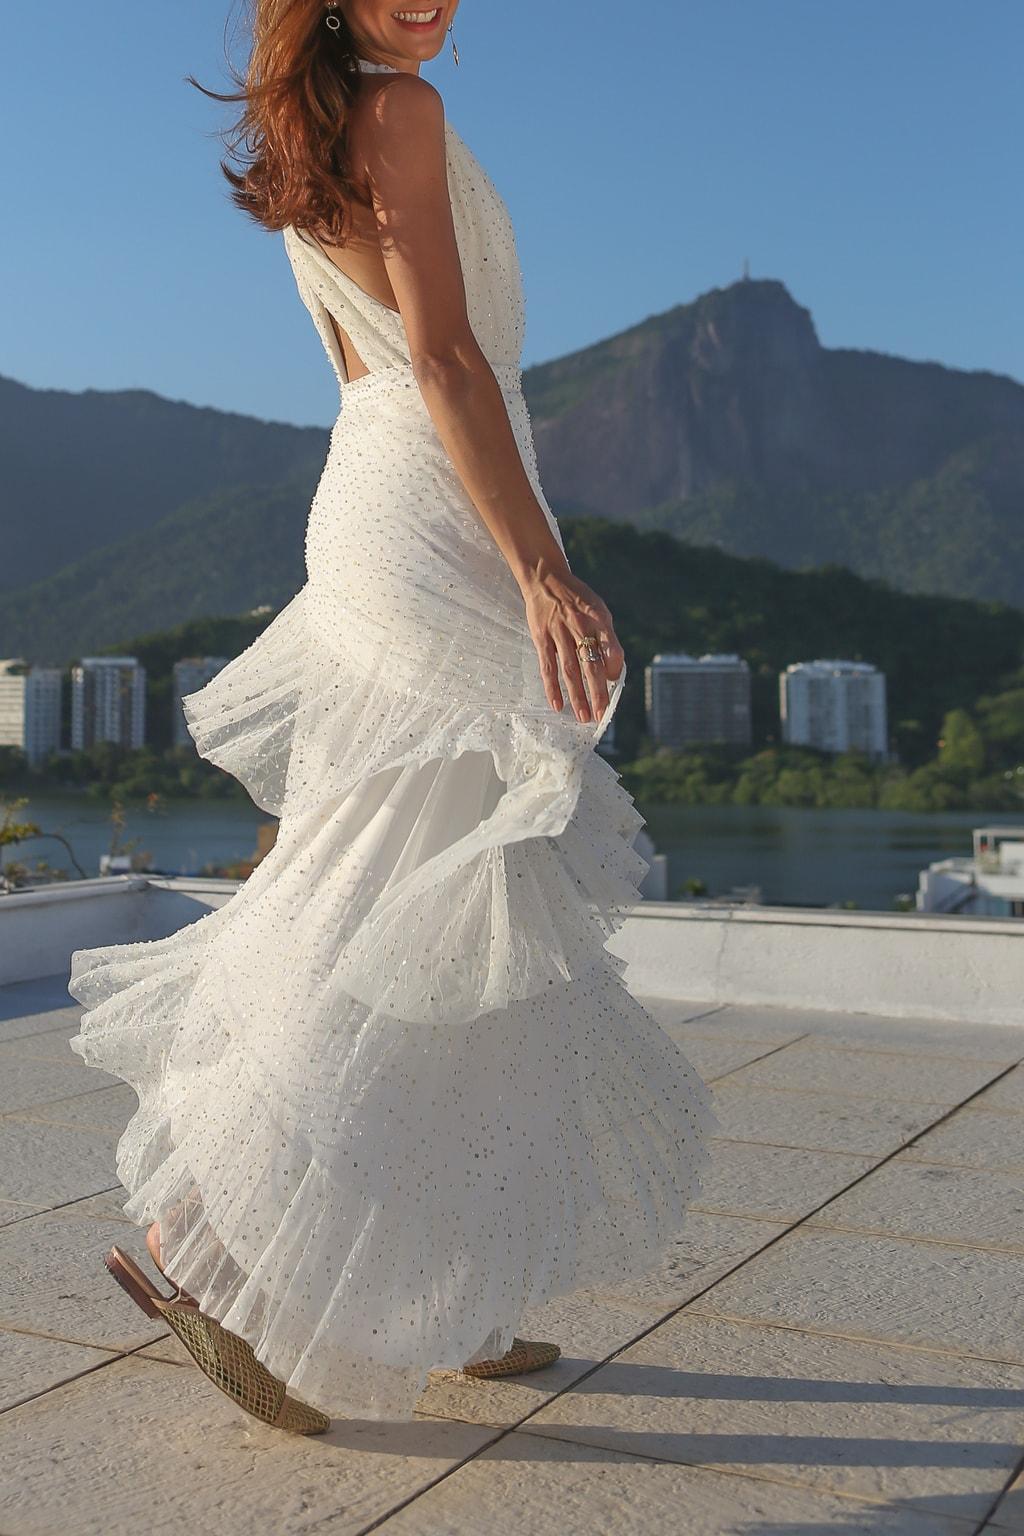 vestidos-ano-novo-reveillon-vestido-de-festa-julia-golldenzon-40